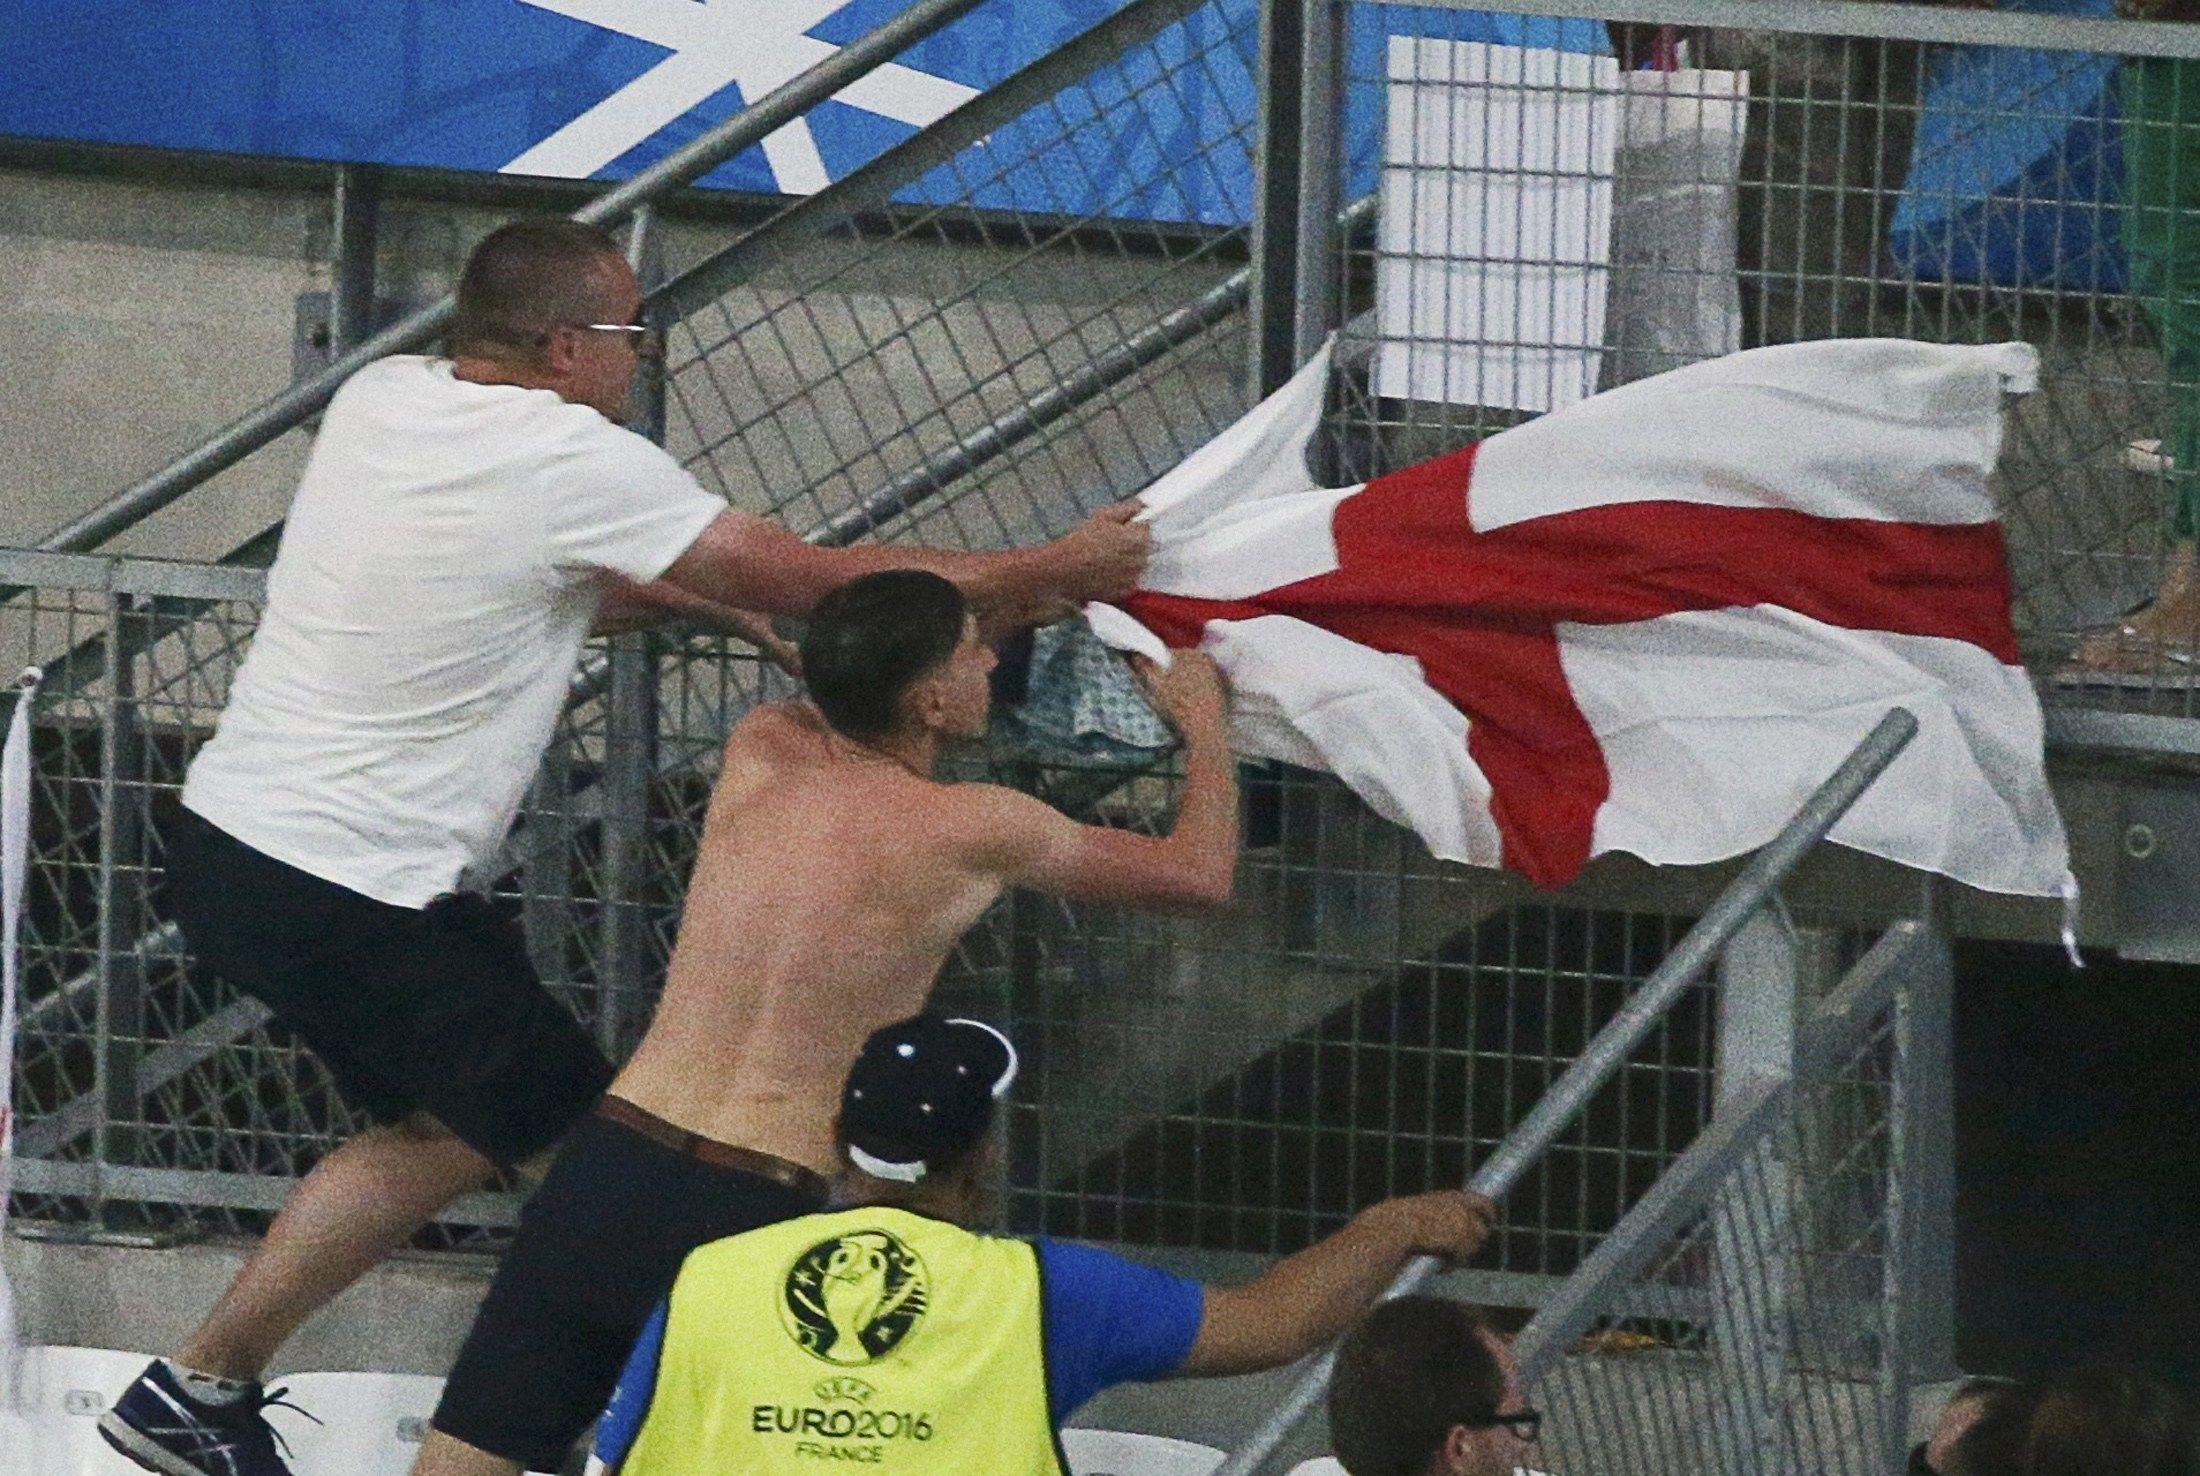 Россияне срывают английский флаг